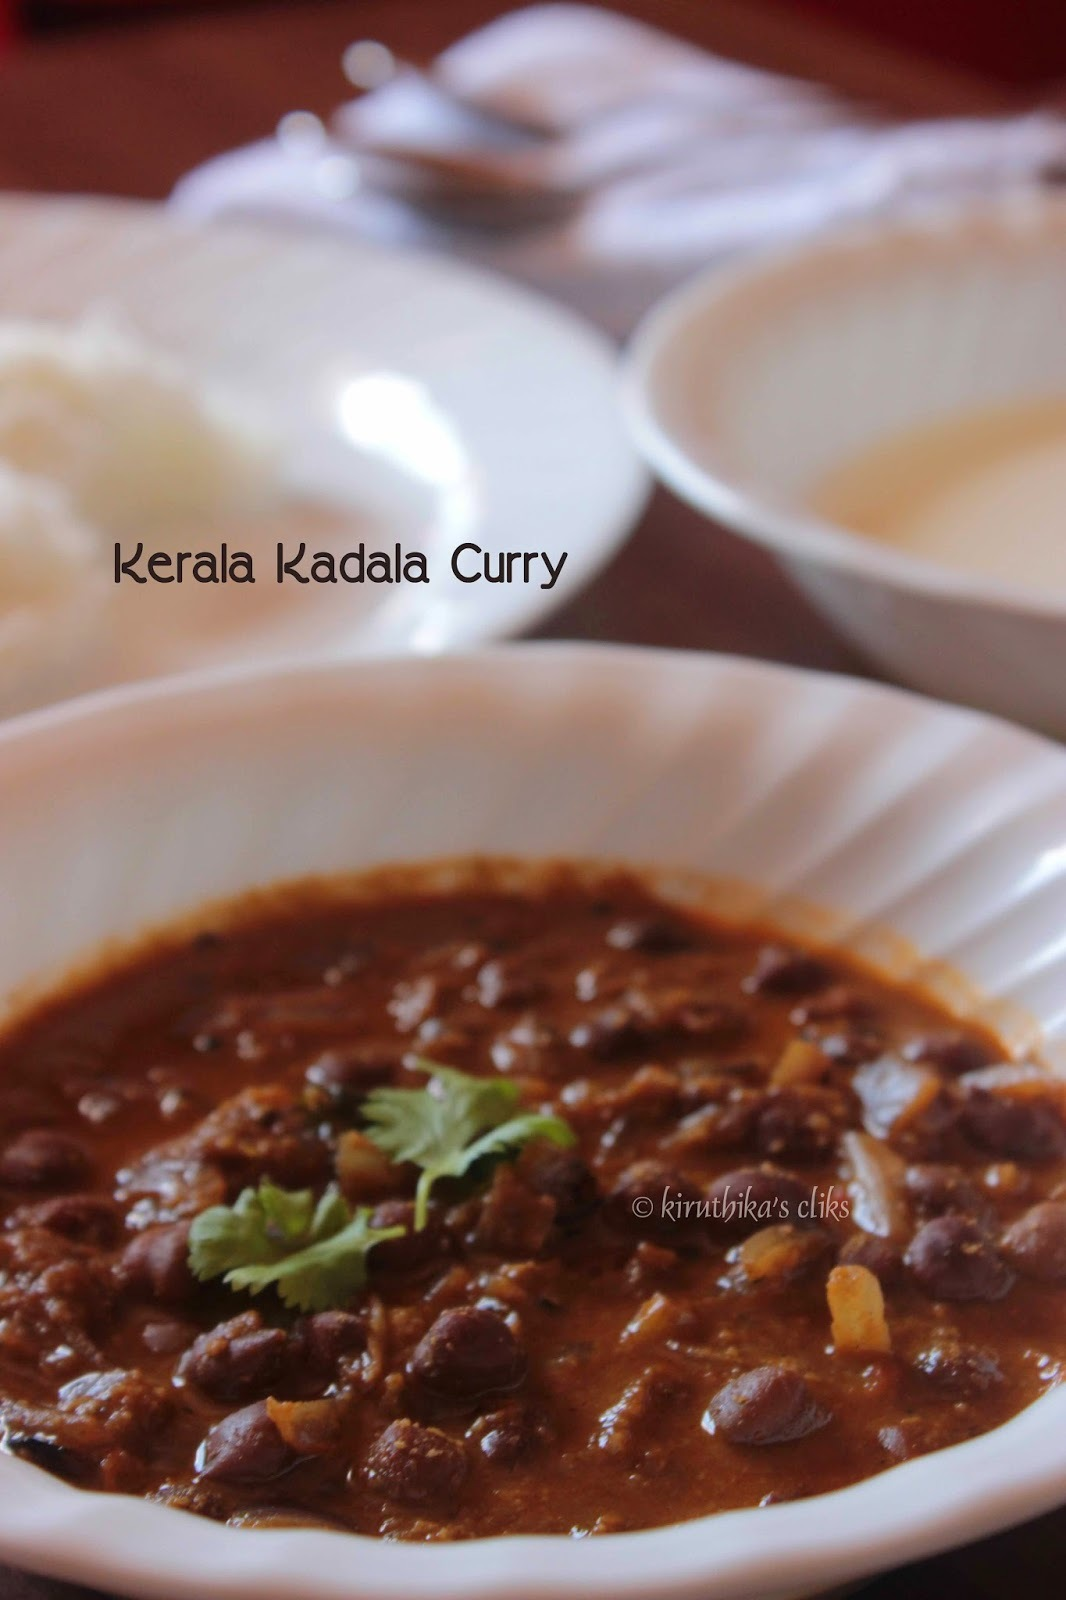 Kadala Curry Recipe / Kerala Kadala curry for Puttu, Appam and Idiyappam